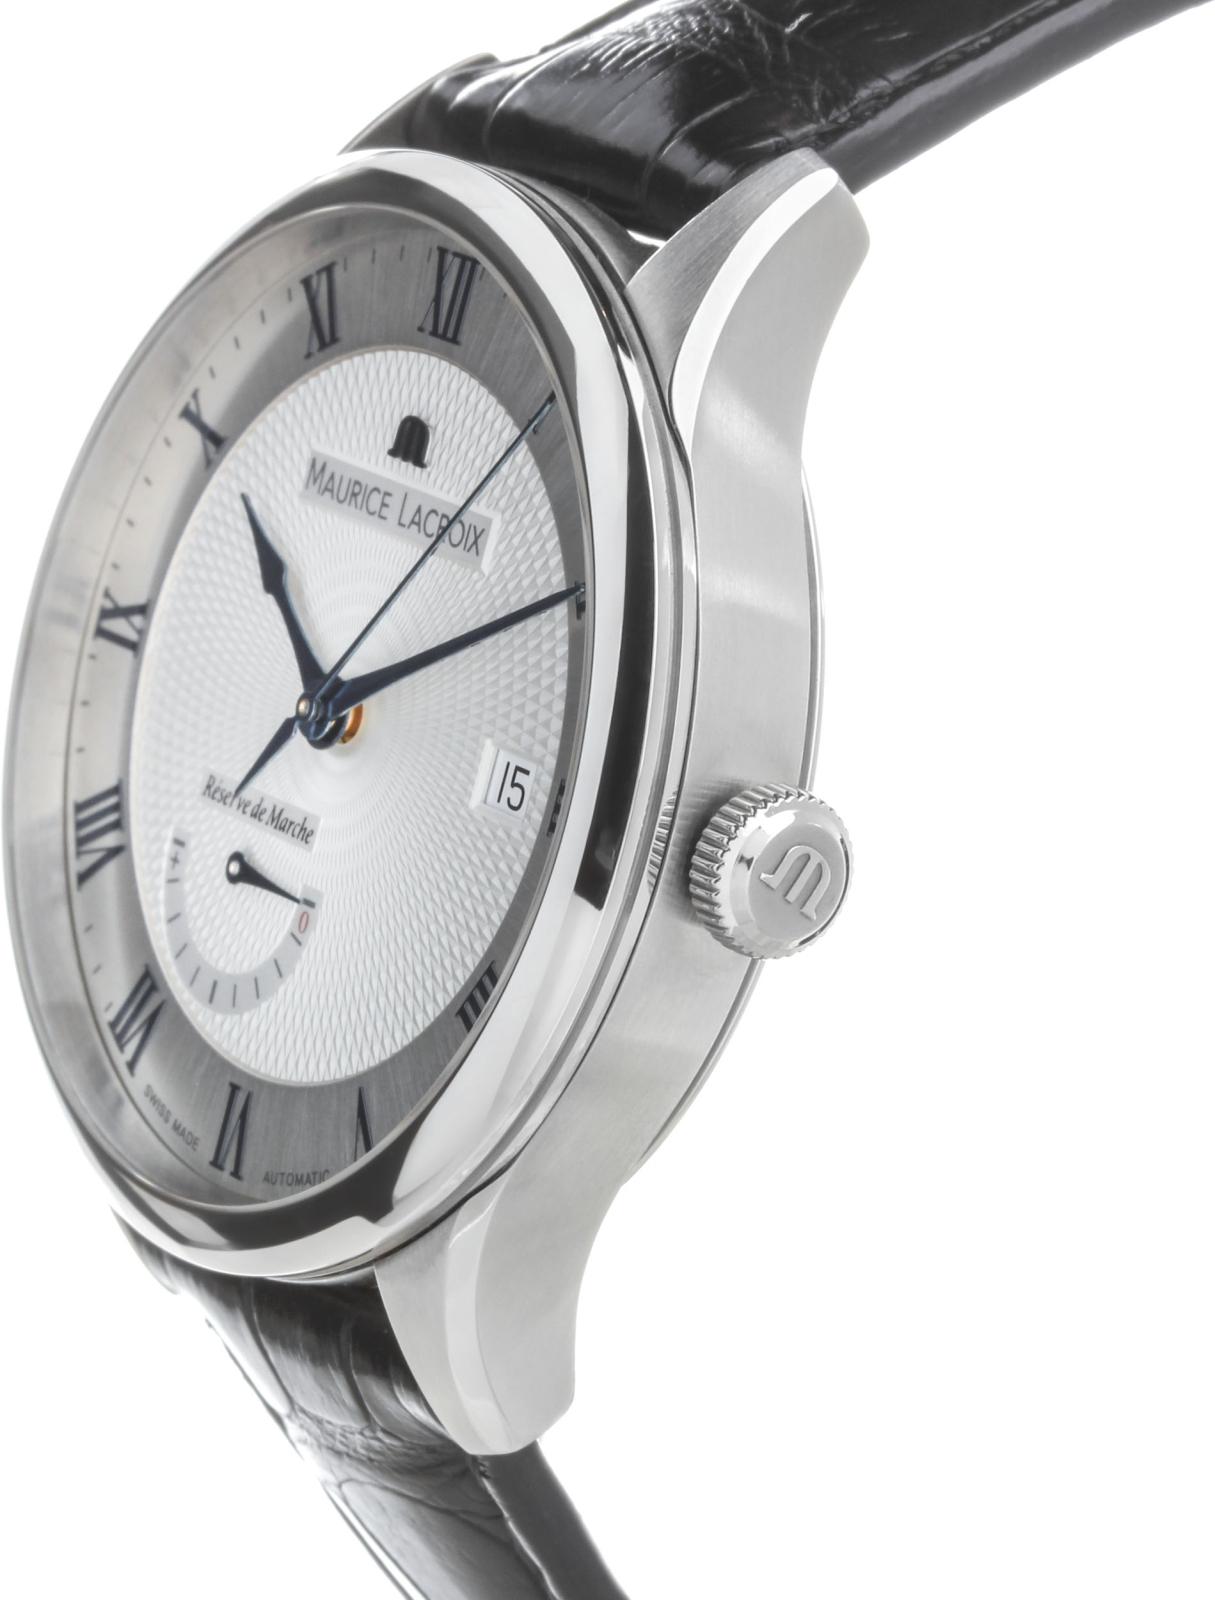 Maurice Lacroix Masterpiece MP6807-SS001-110Наручные часы<br>Швейцарские часы Maurice Lacroix Masterpiece MP6807-SS001-110Часы принадежат коллекции Masterpiece. Это великолепные Мужские часы. Материал корпуса часов &amp;mdash; Сталь. Ремень &amp;mdash; Кожа. Стекло - Сапфировое. Водозащита этих часов 50 м. Диаметр корпуса часов составляет 40мм.<br><br>Пол: Мужские<br>Страна-производитель: Швейцария<br>Механизм: Механический<br>Материал корпуса: Сталь<br>Материал ремня/браслета: Кожа<br>Водозащита, диапазон: 20 - 100 м<br>Стекло: Сапфировое<br>Толщина корпуса: None<br>Стиль: None